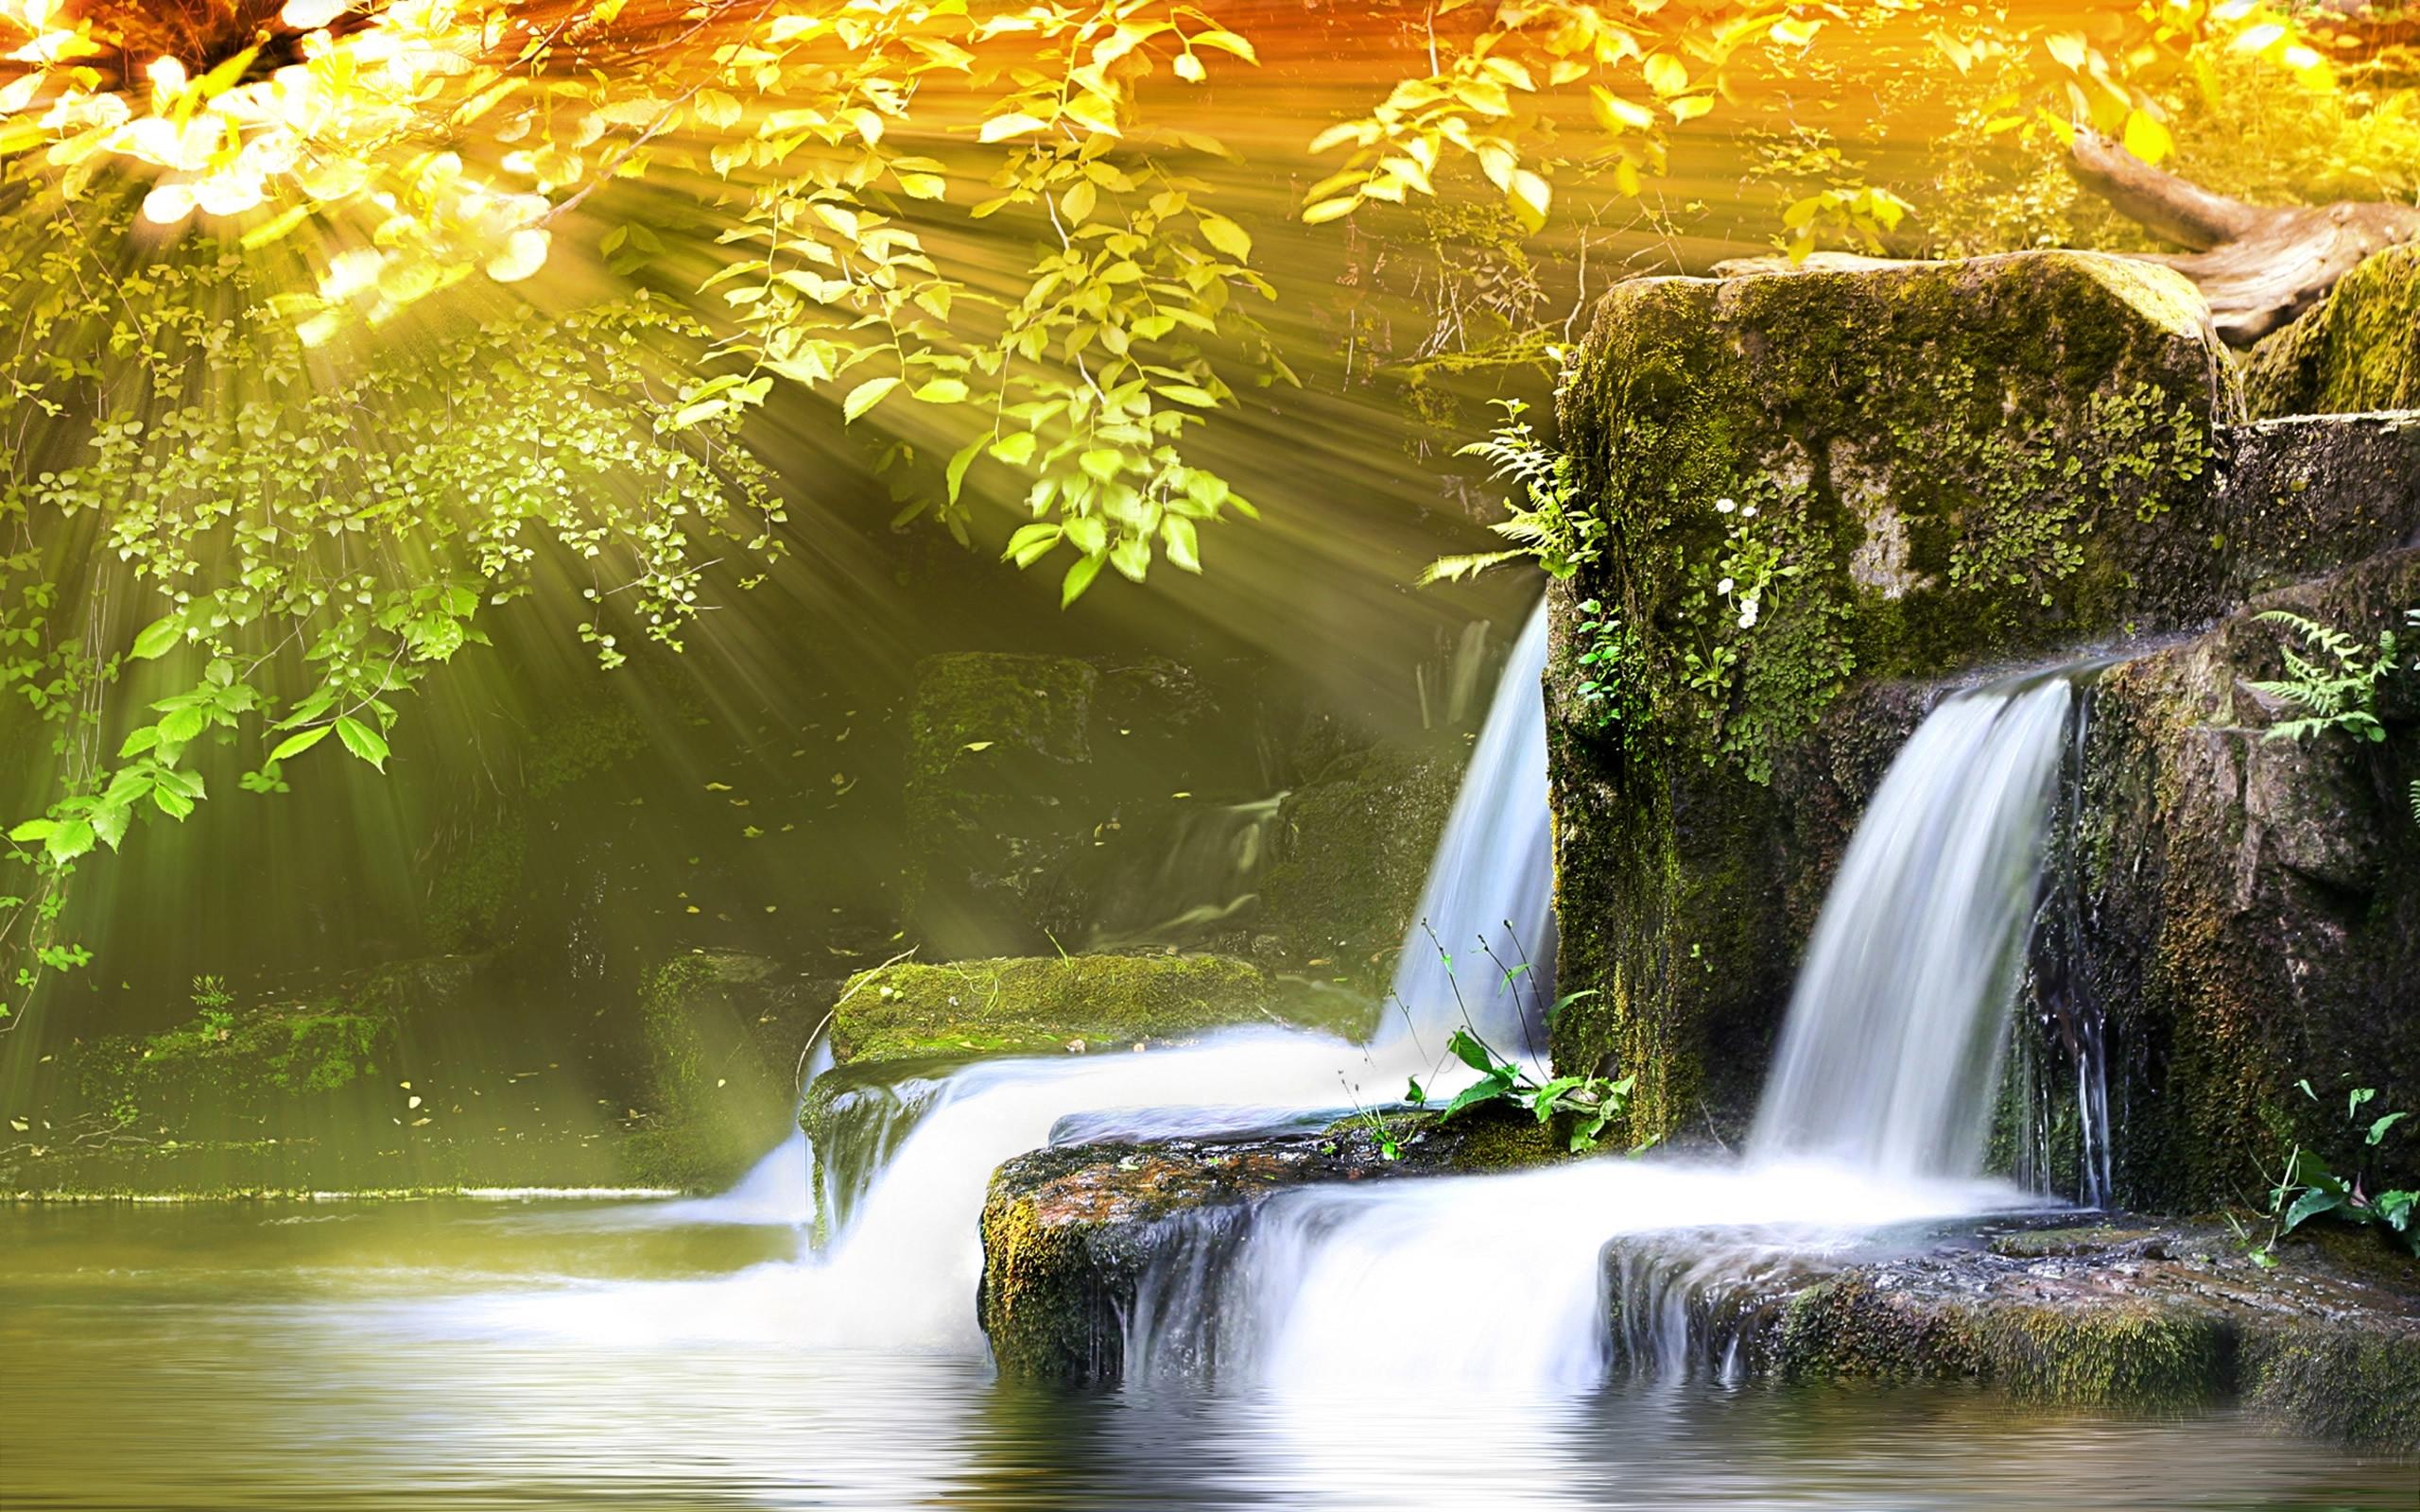 39129 Заставки и Обои Водопады на телефон. Скачать Водопады, Пейзаж картинки бесплатно